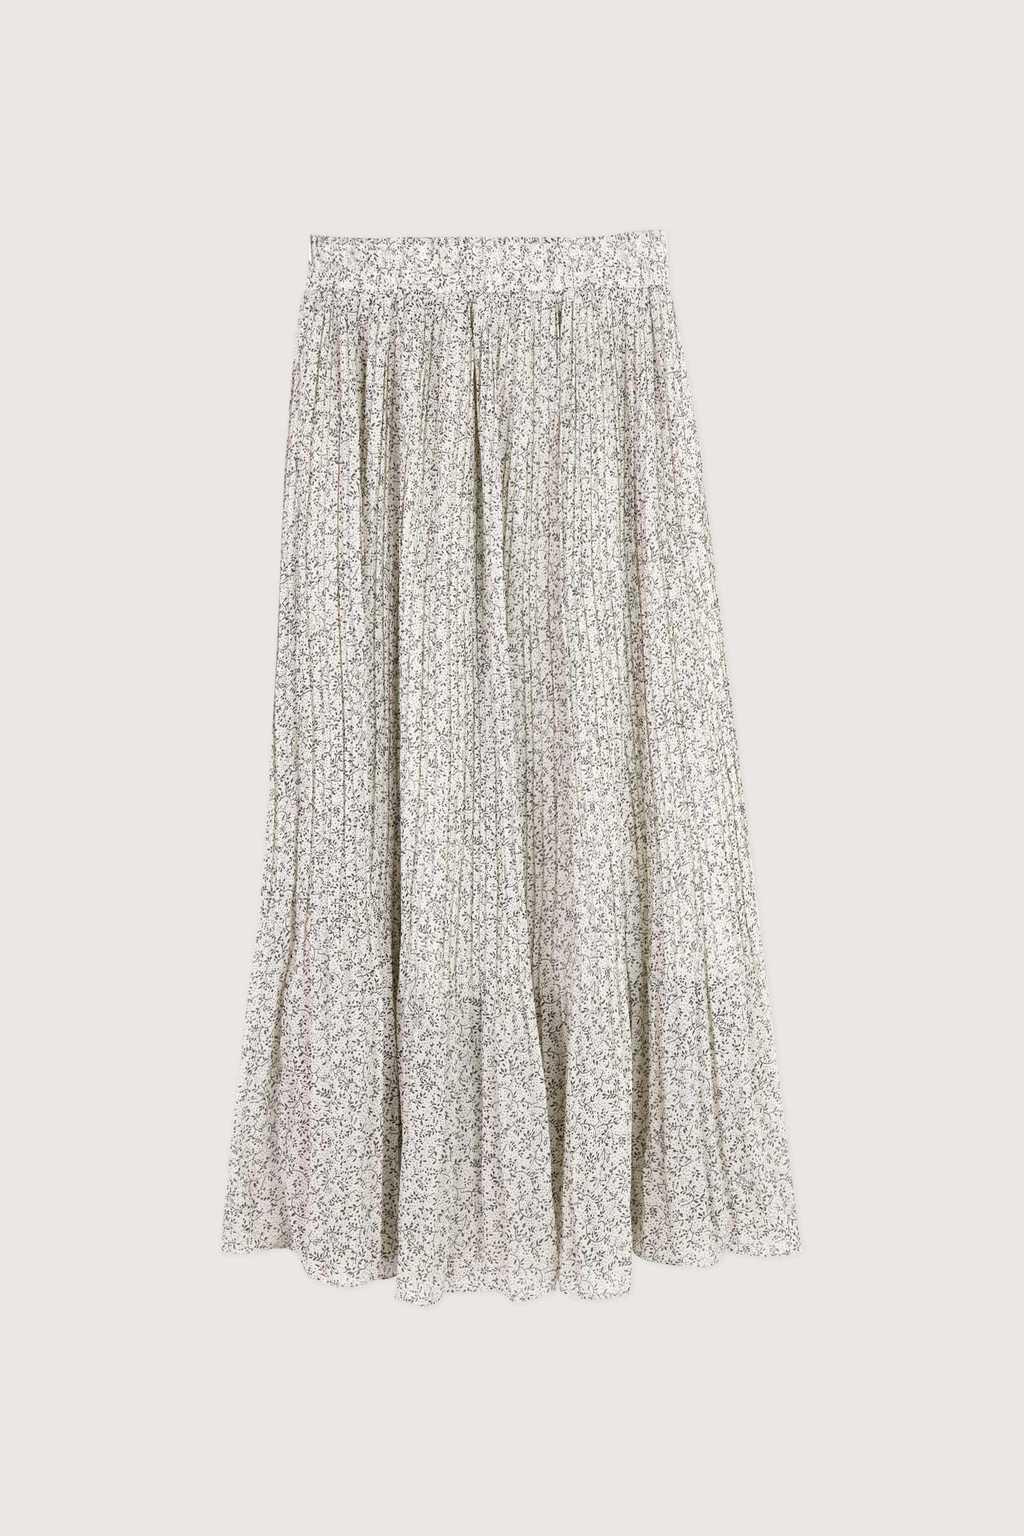 Skirt K004 Cream 5